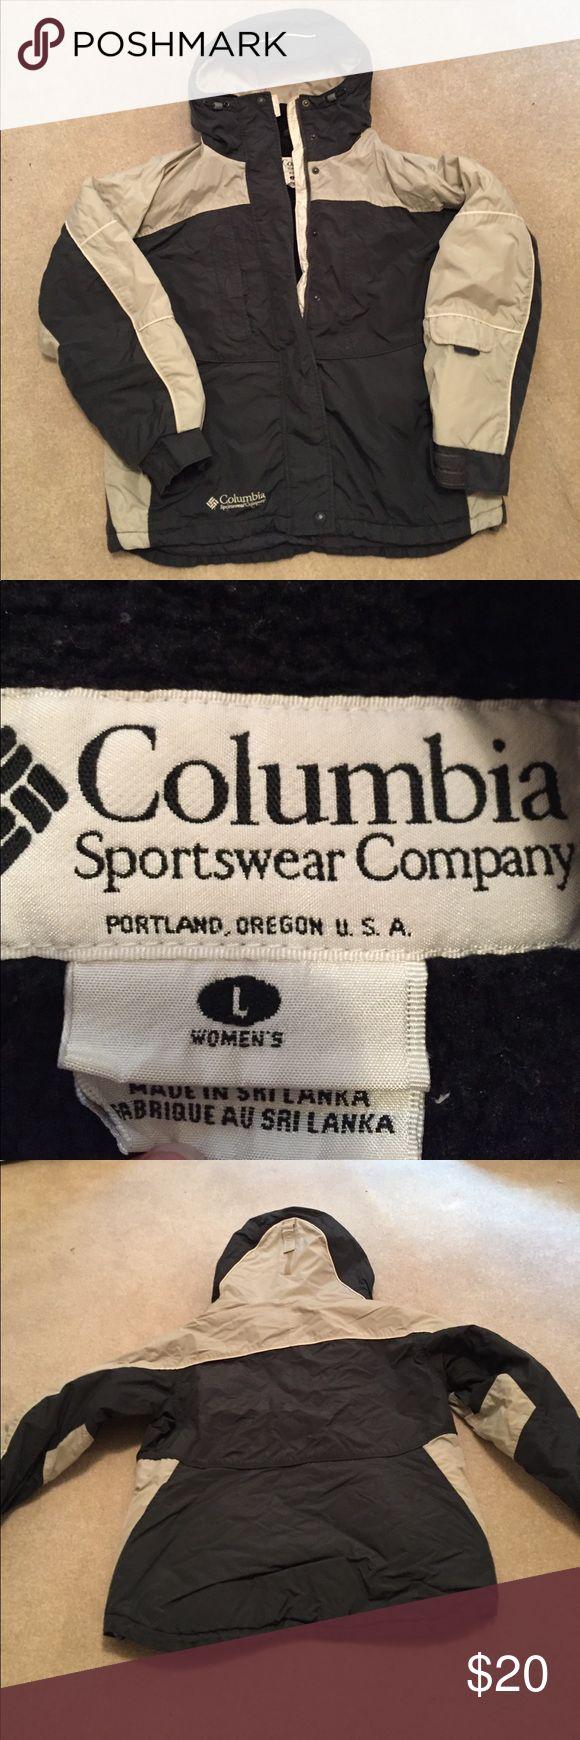 Large Columbia jacket Large Columbia jacket, needs a new zipper pull. Columbia Jackets & Coats